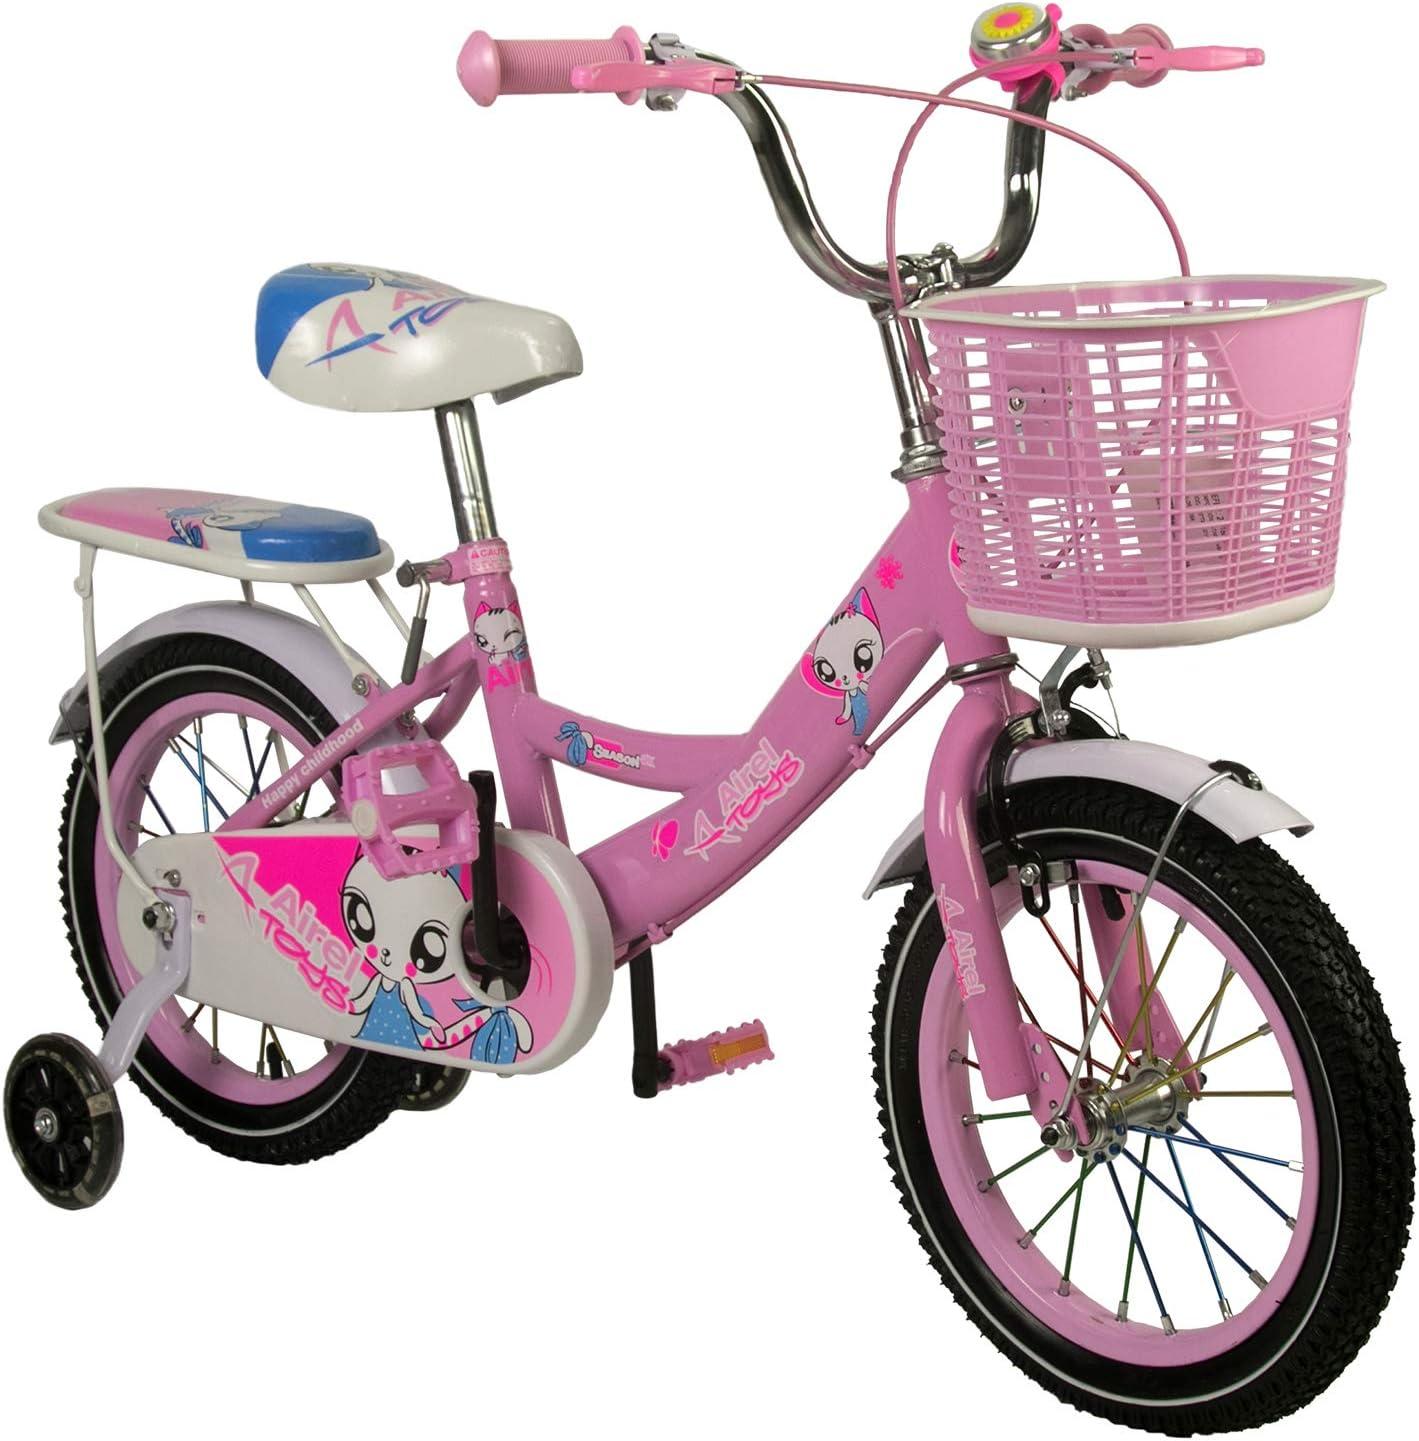 Zerimar Infantiles para niñas ruedines y Cesta| Bici niña